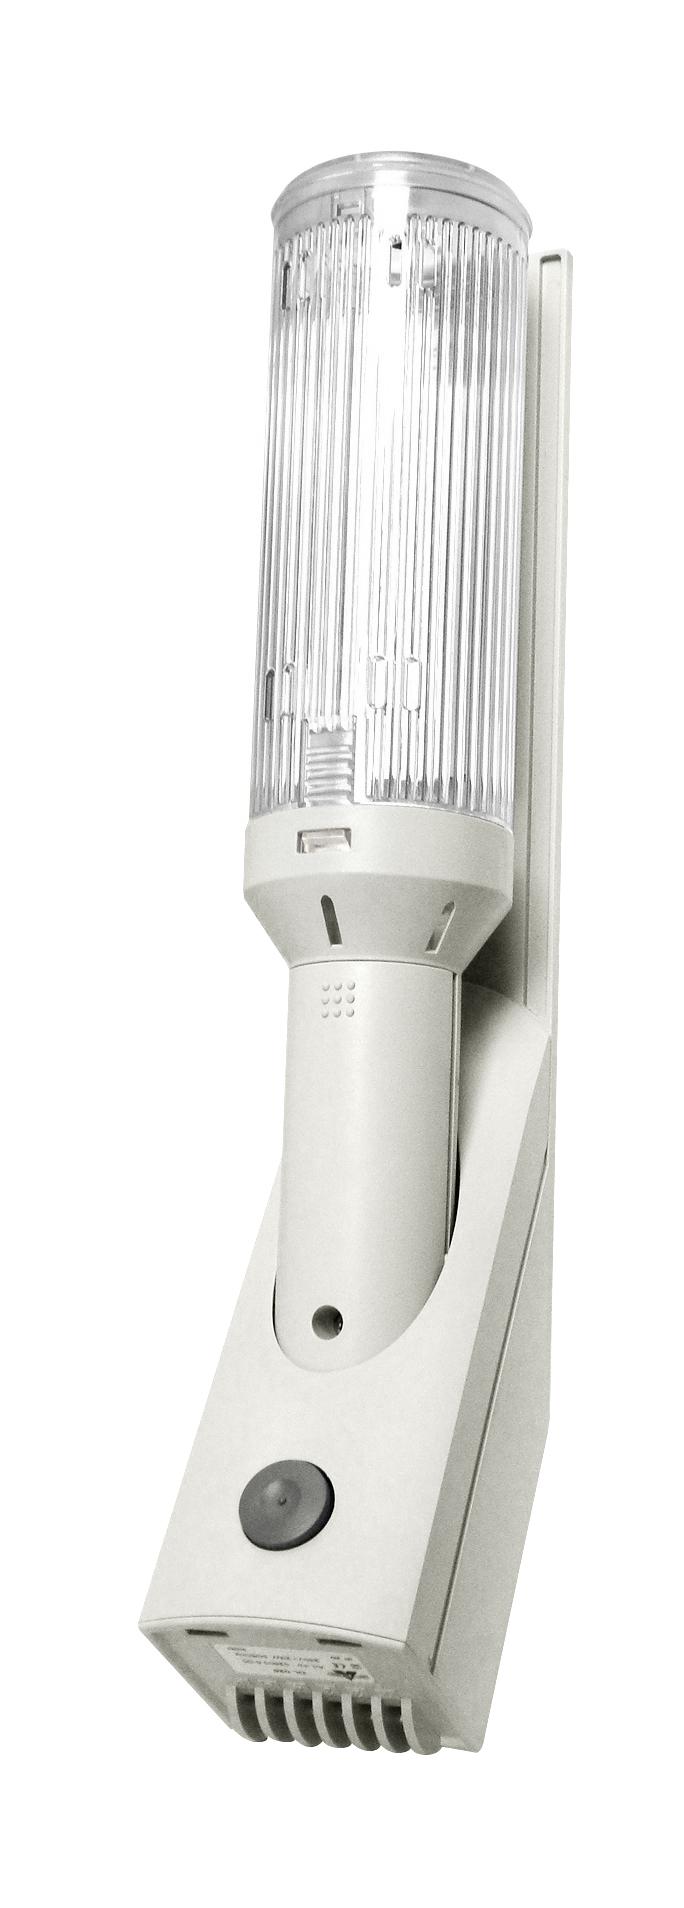 1 Stk Dual-Leuchte mit Ein-/Ausschalter IU008515--